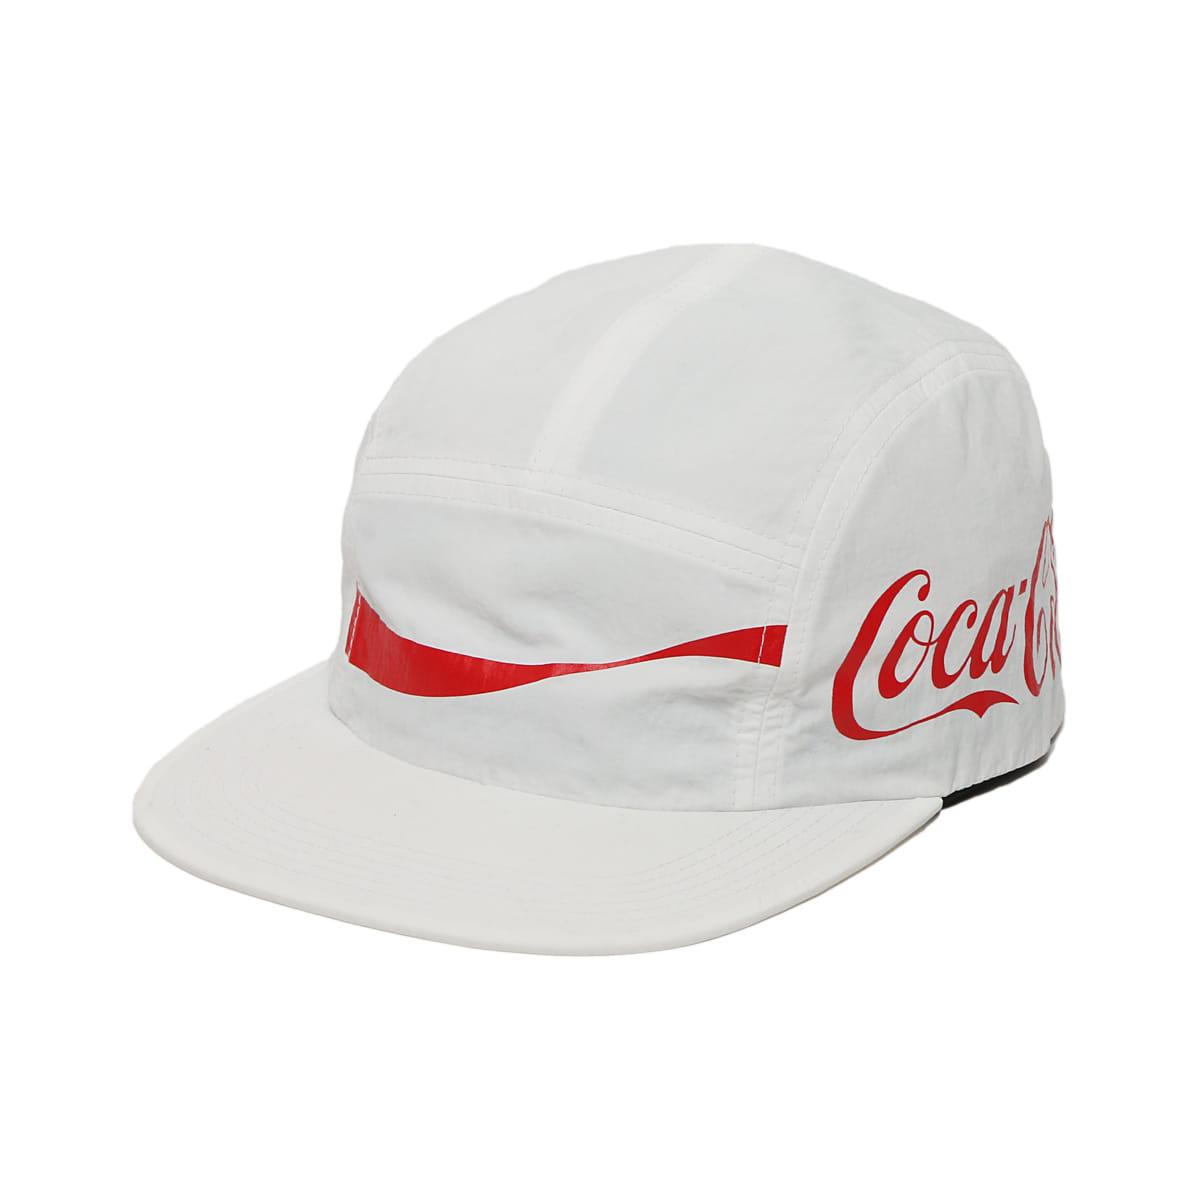 Coca-Cola×ATMOS LAB 待望のコラボ第2弾が発売決定!90'sライクなアイテムか満載のスポーティーなコレクション fashion180403_cola_ricky_sub04-1200x1200